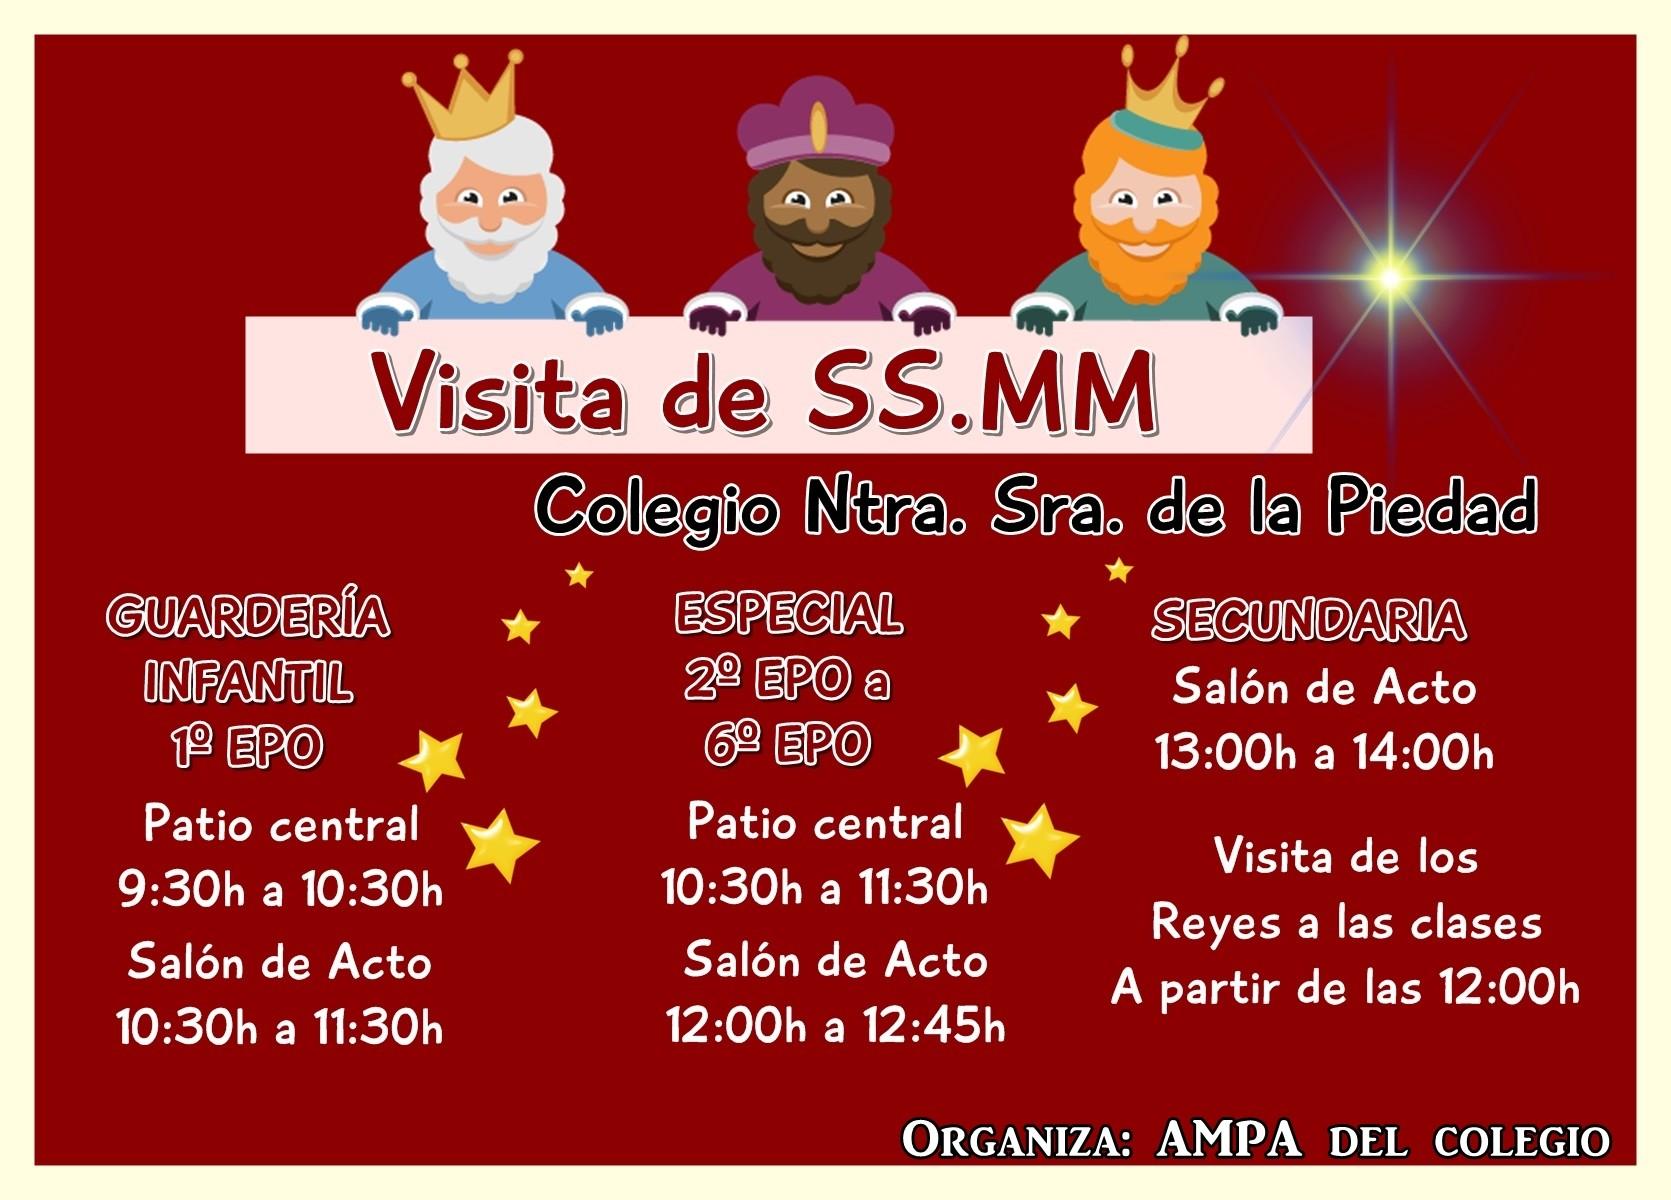 Calendario 2019 Escolar Caba Más Arriba-a-fecha Colegio La Piedad Of Calendario 2019 Escolar Caba Más Caliente Colegio La Piedad